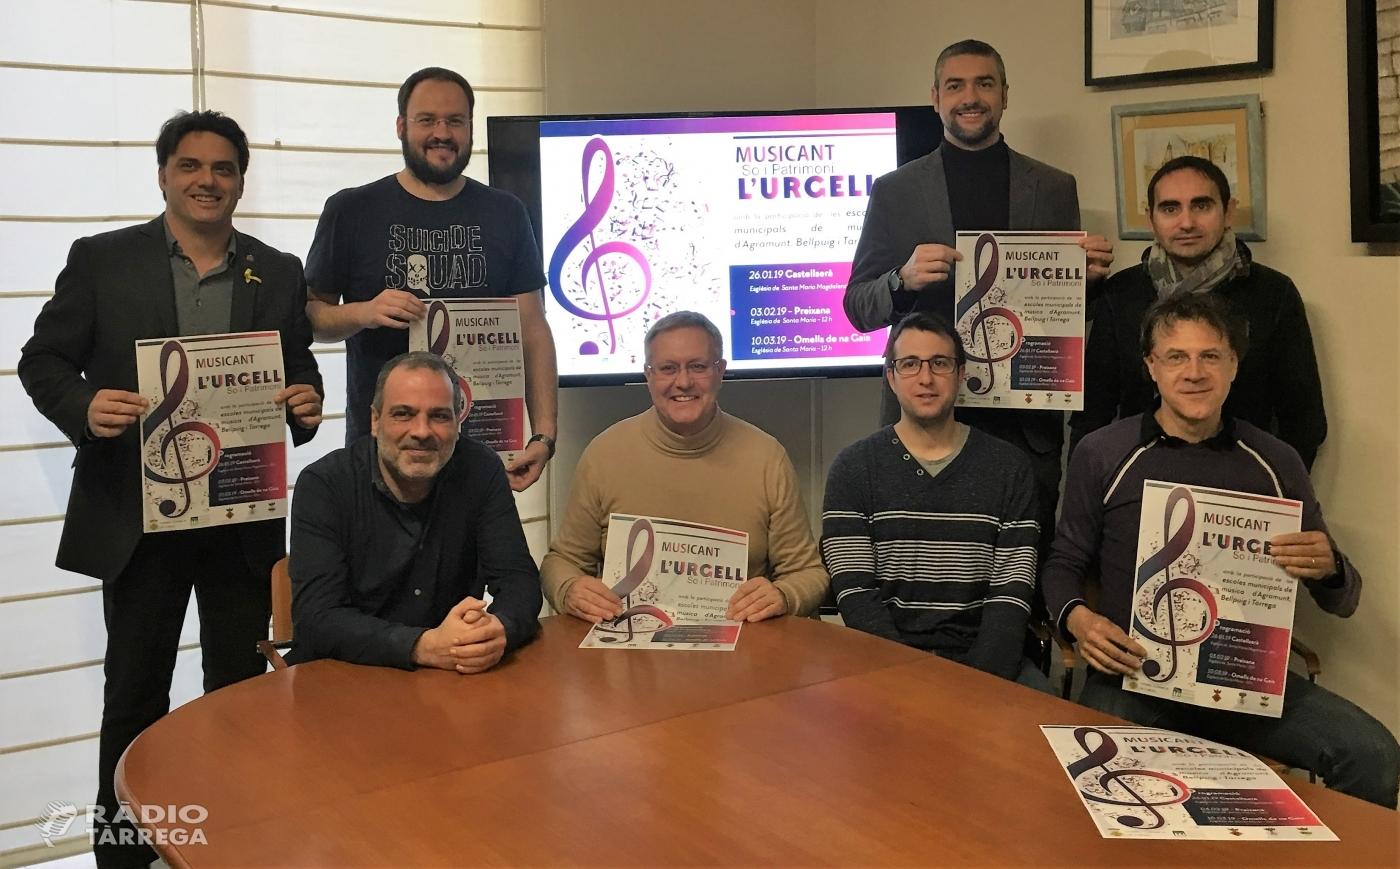 """Torna el cicle """"Musicant l'Urgell"""" amb la participació de 200 alumnes de les escoles de música de Tàrrega, Agramunt i Bellpuig"""